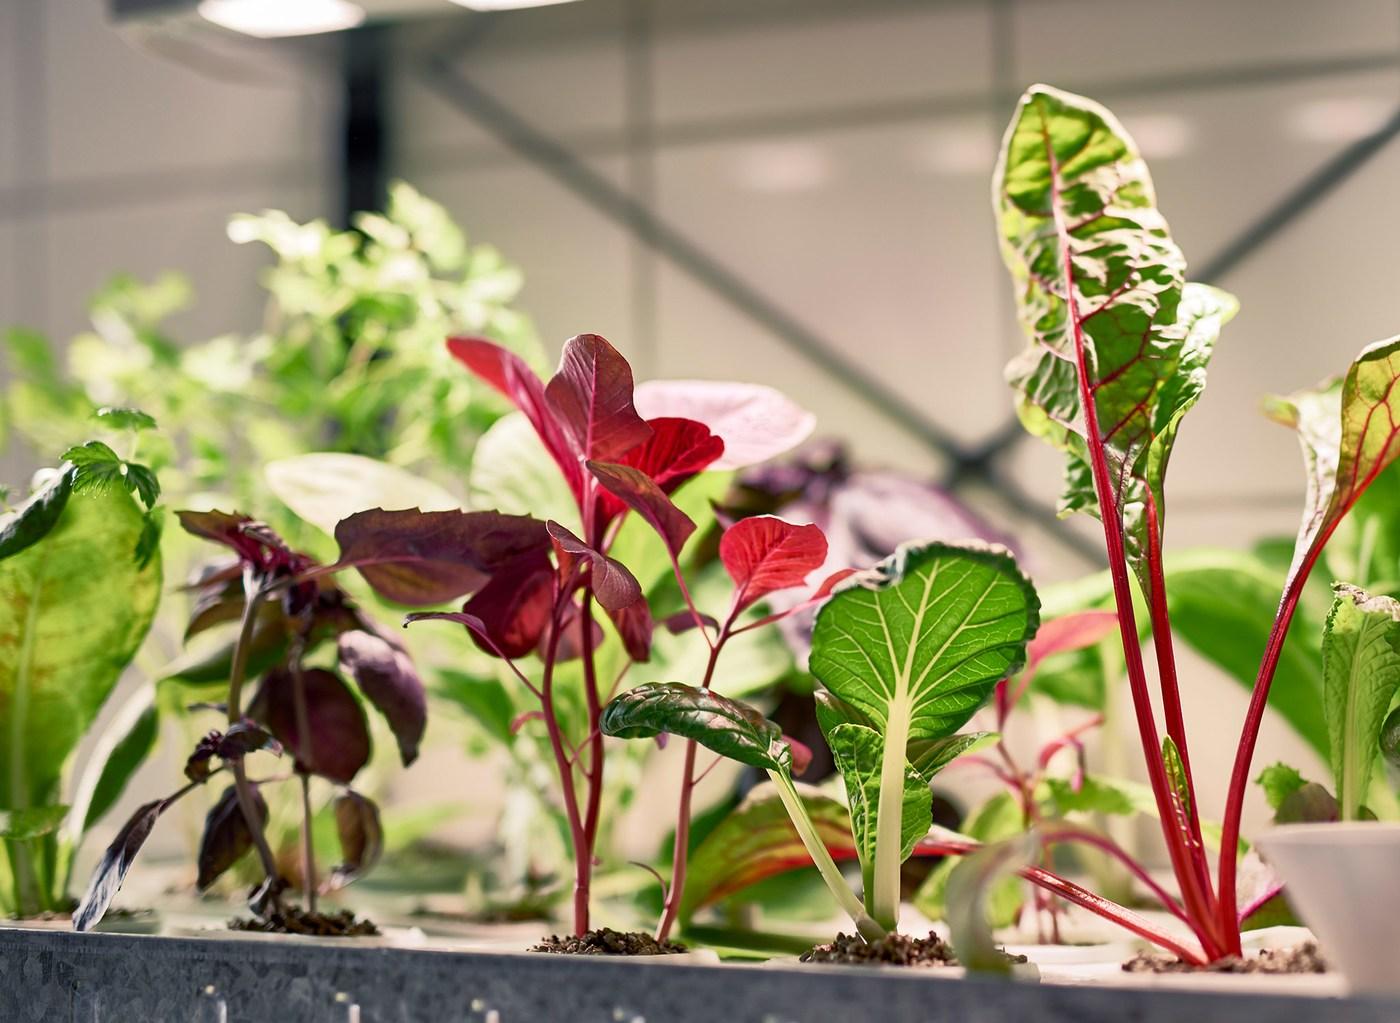 Erbe e lattuga crescono in un sistema idroponico - IKEA